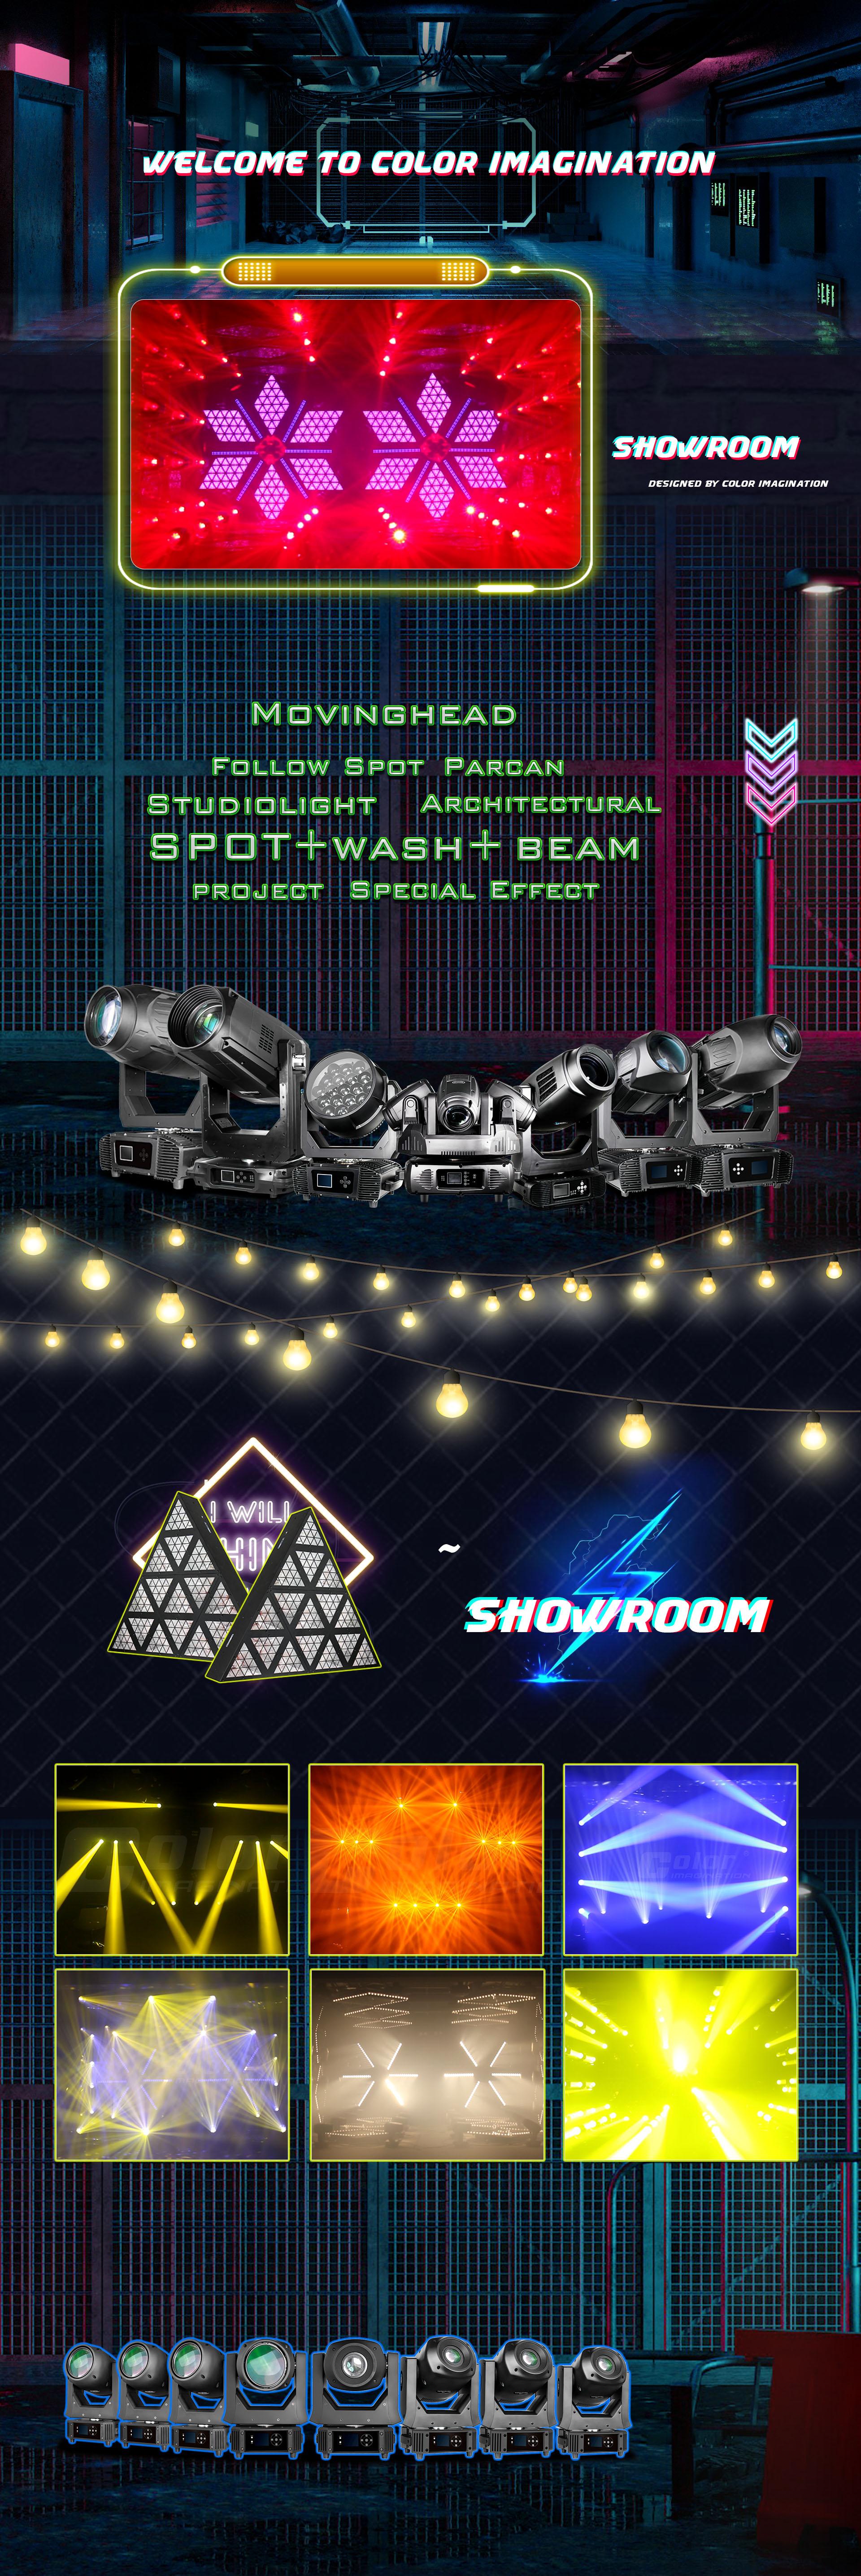 SHOWROOM--_3.jpg